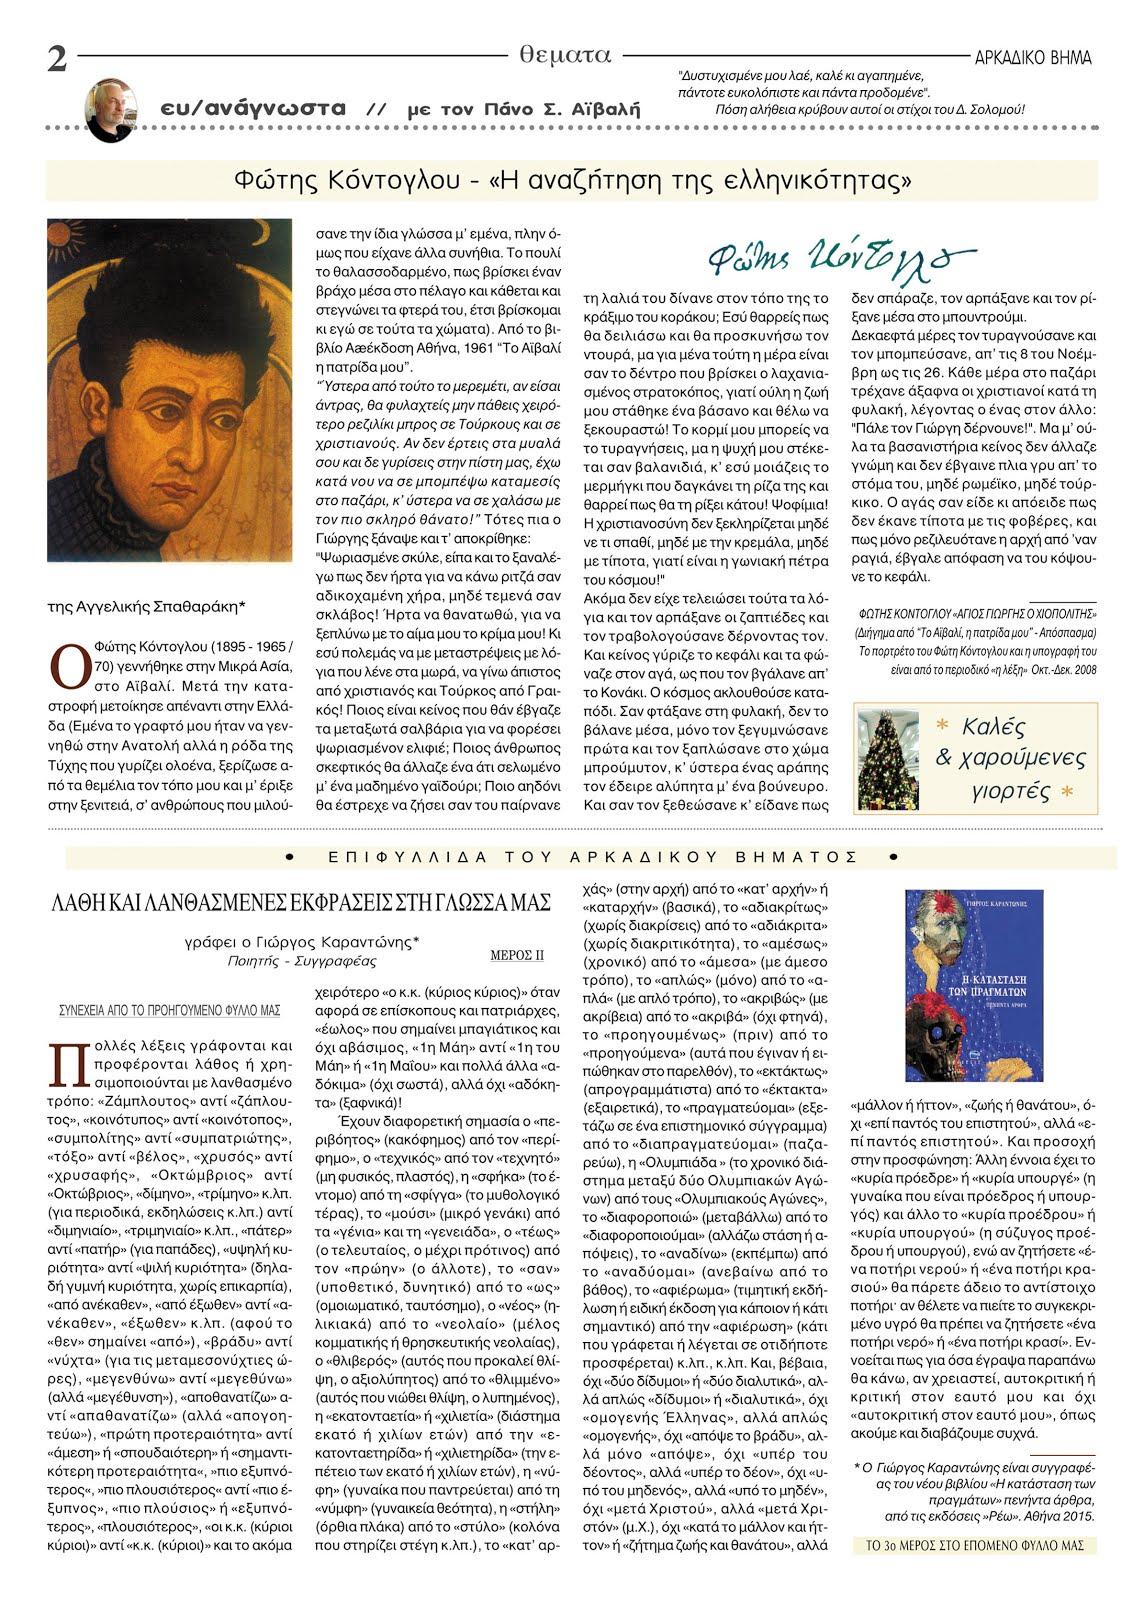 """Φώτης Κόντογλου: """"Η αναζήτηση της ελληνικότητας"""""""